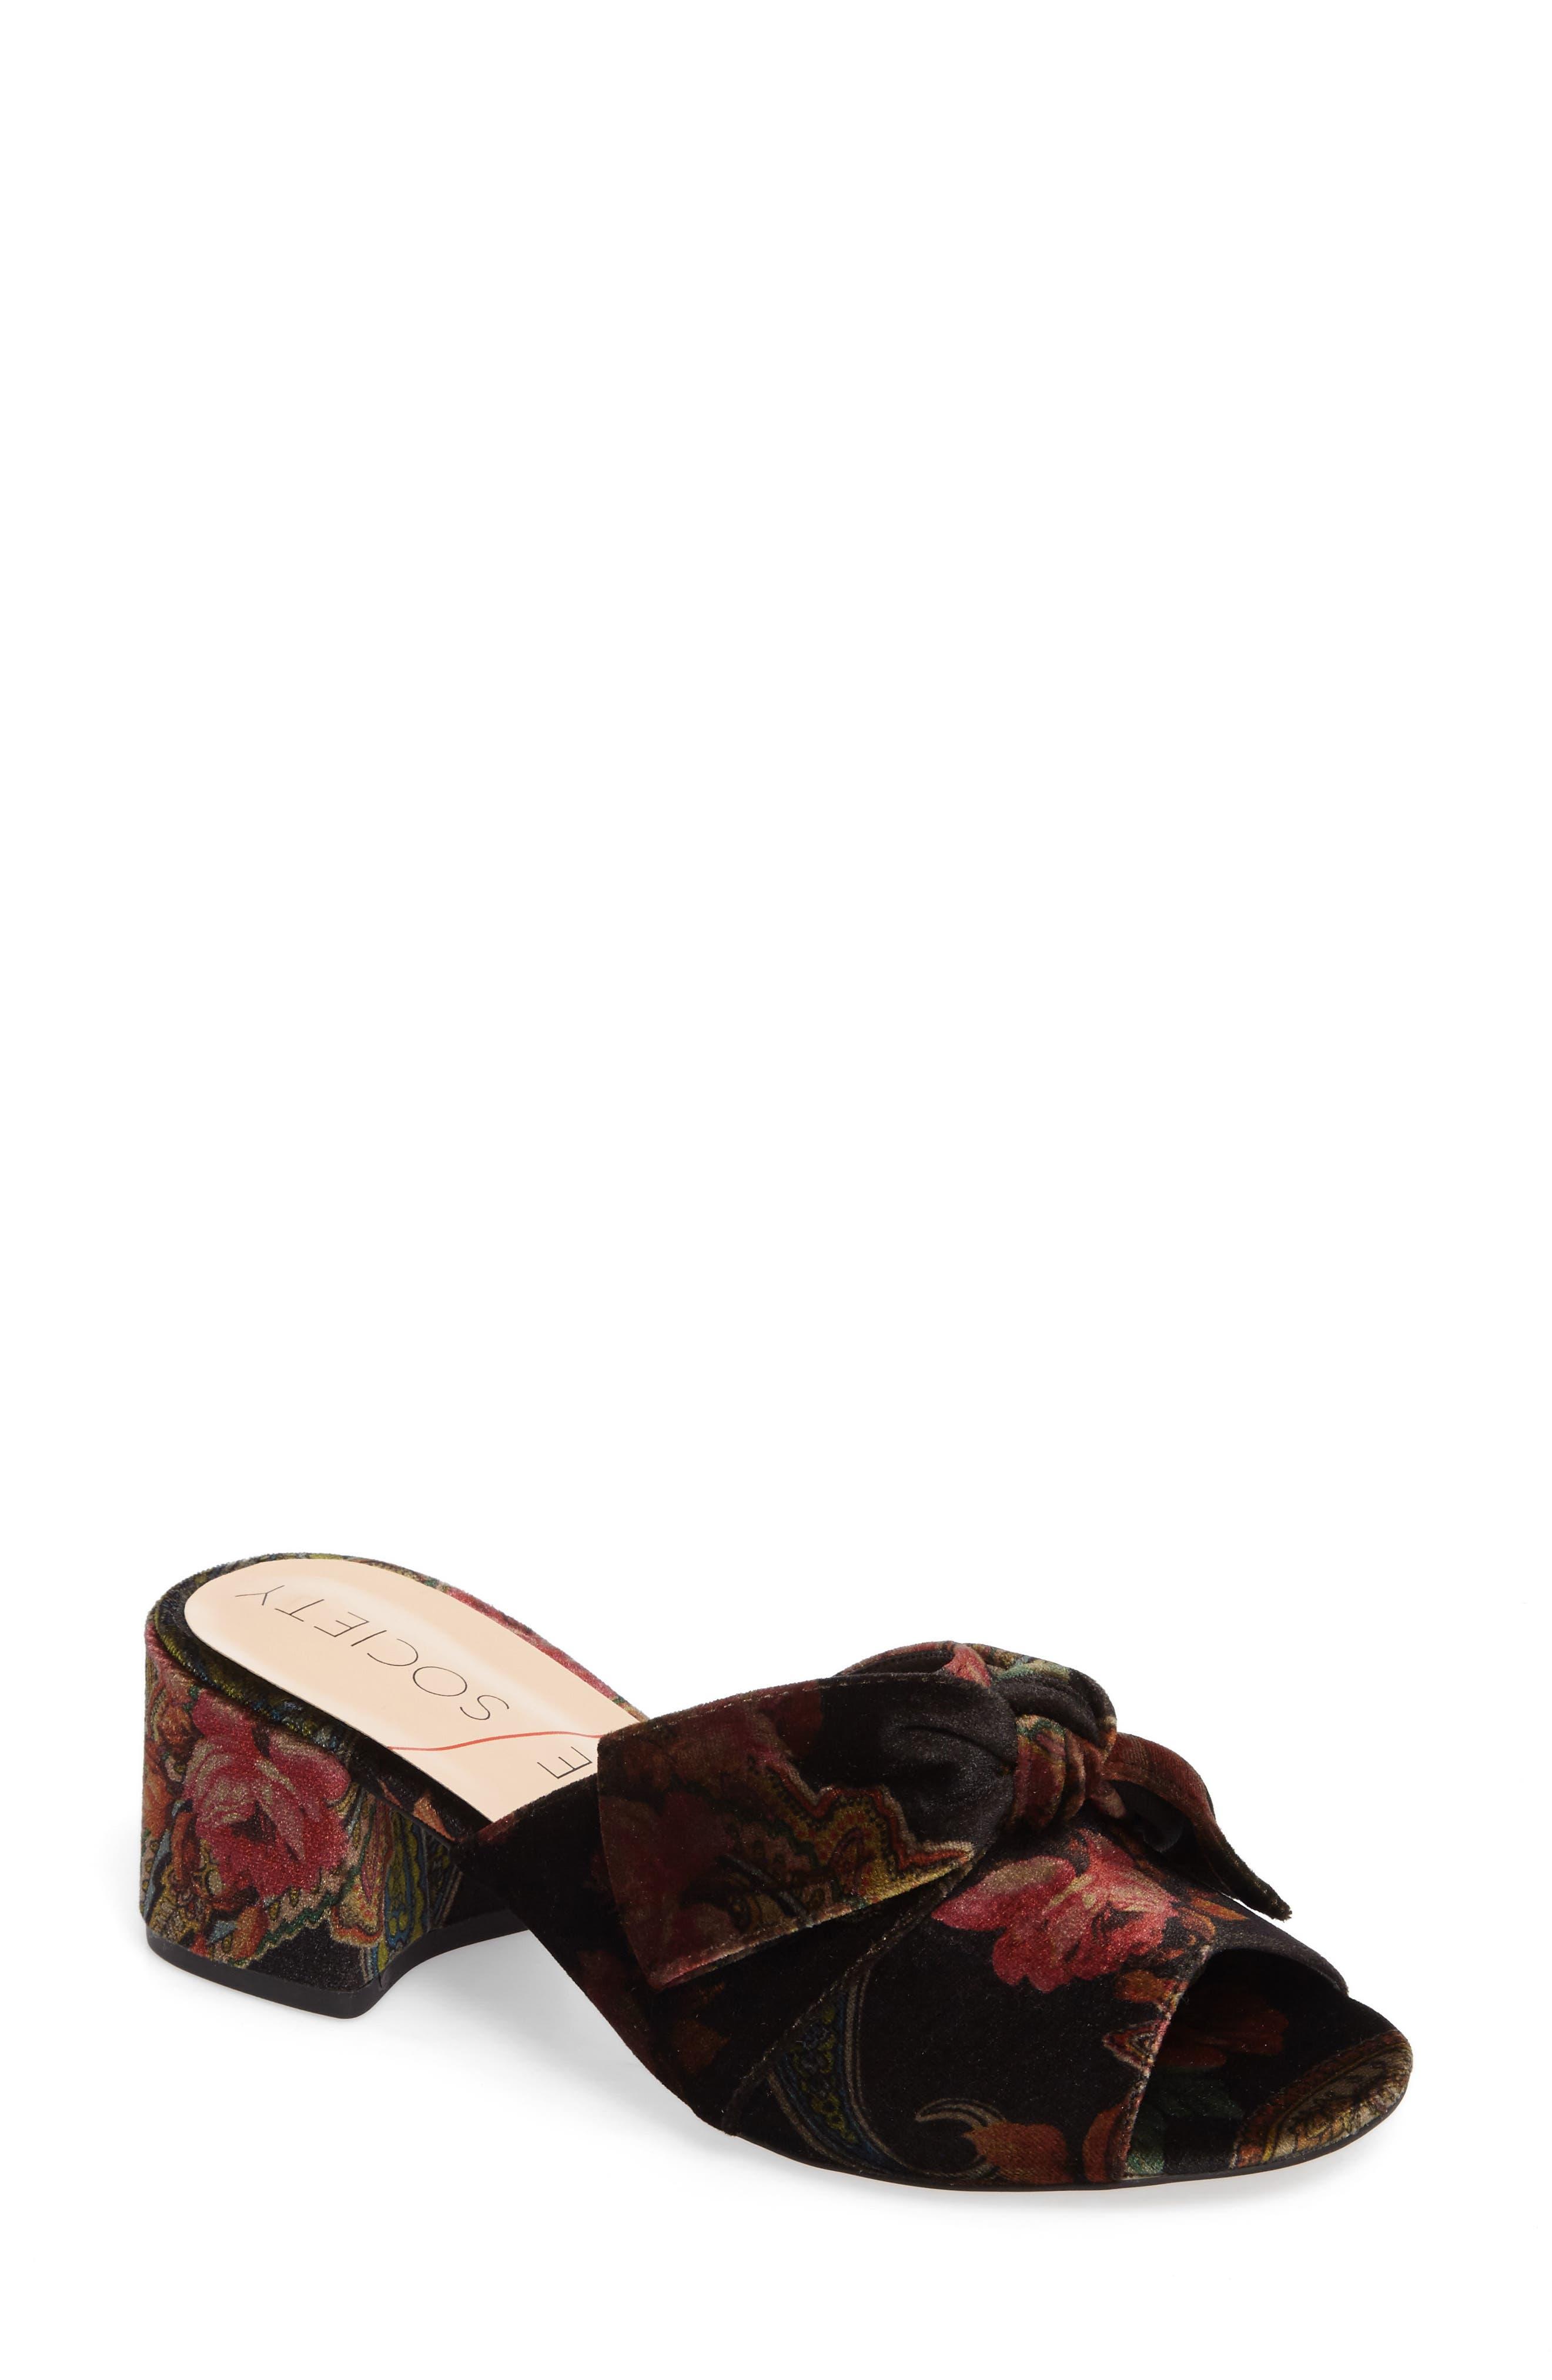 Cece Mule Sandal,                             Main thumbnail 1, color,